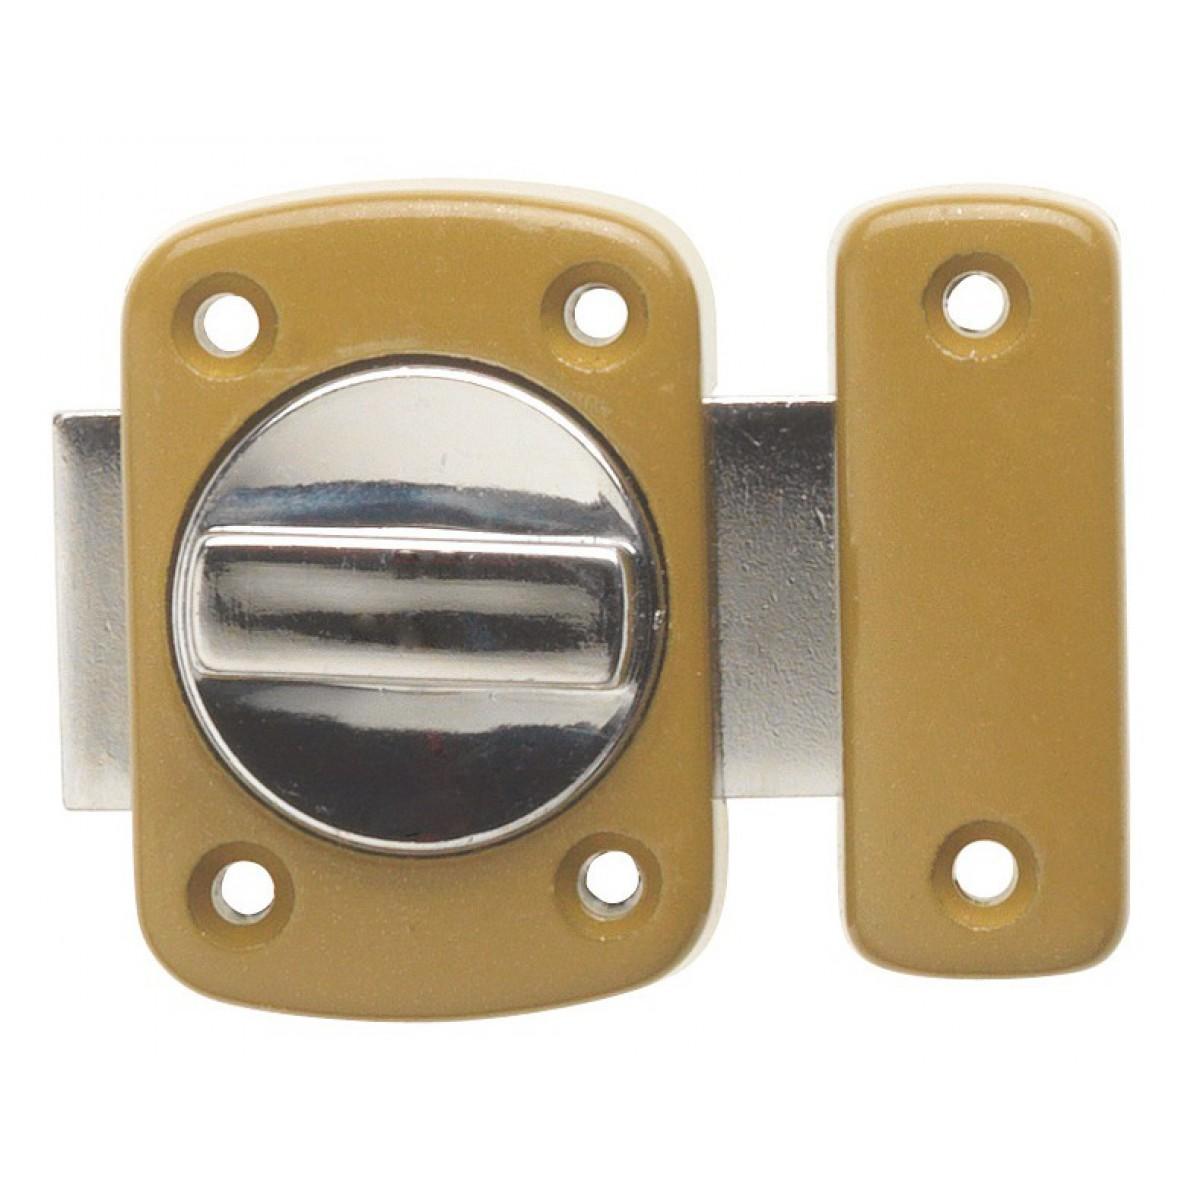 Verrou automatique série Alouette Thirard - Dimensions 50 mm